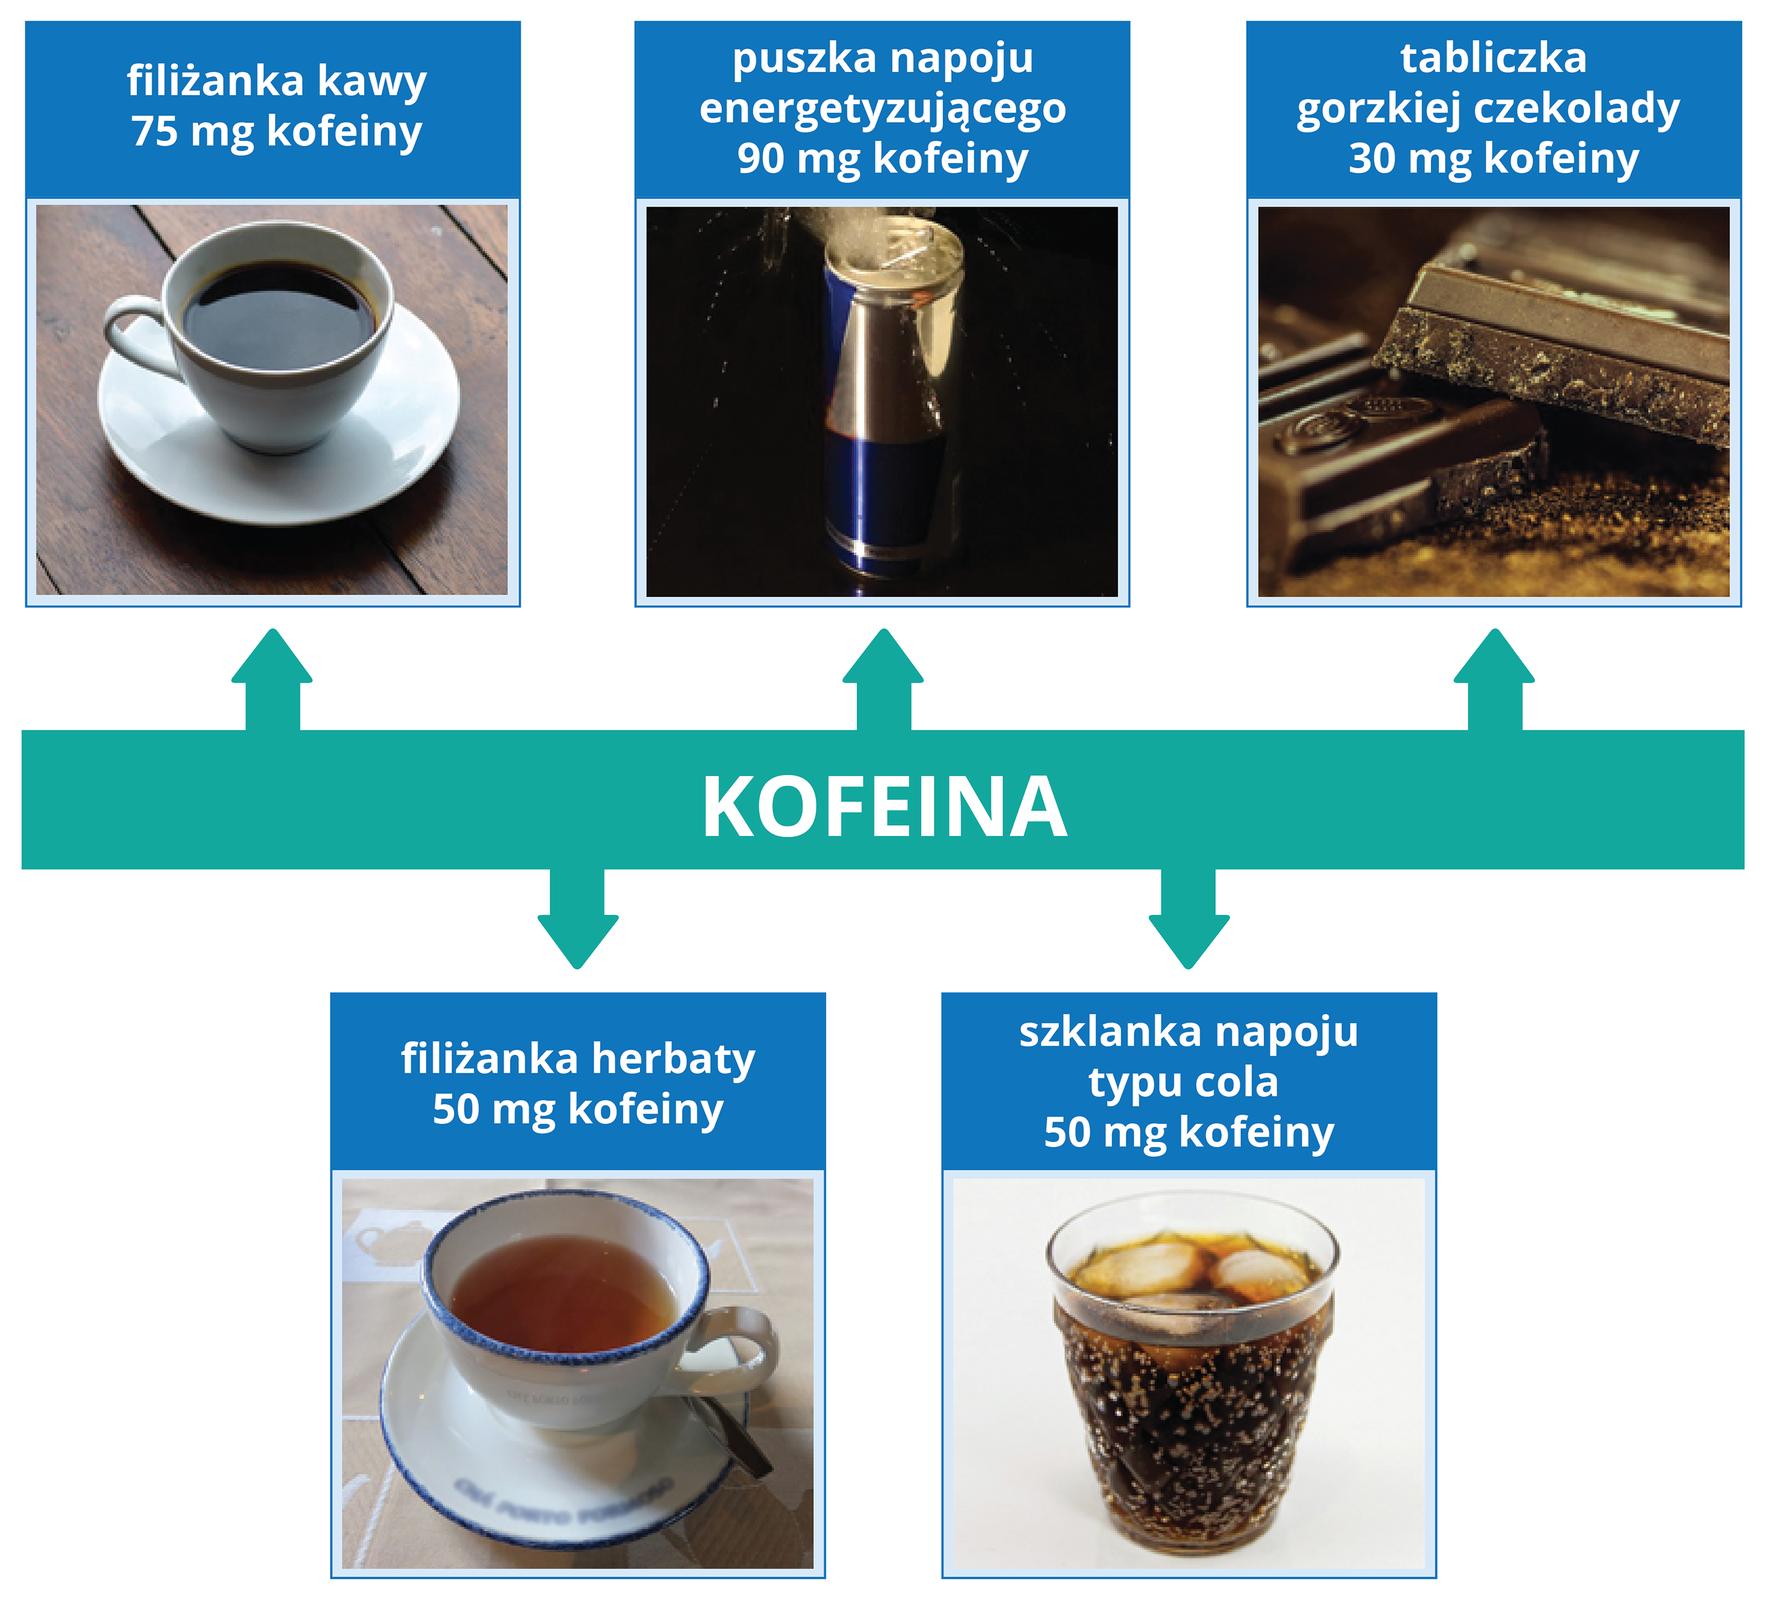 Ilustracja przedstawia zawartośc kofeiny wróżnych produktach spożywczych. Zdjęcie filiżanki kawy jak we wzorze.Podpis: filiżanka kawy – 75 mg kofeinyZdjęcie filiżanki herbaty jak we wzorze.Podpis: filiżanka herbaty – 50 mg kofeinyZdjęcie puszki napoju energetyzującego jak we wzorze.Podpis: puszka napoju energetyzującego – 90 mg kofeinyZdjęcie szklanki zcolą jak we wzorze.Podpis: szklanka napoju typu cola – 50 mg kofeinyZdjęcie tabliczki czekolady Podpis: tabliczka gorzkiej czekolady – 30 mg kofeiny